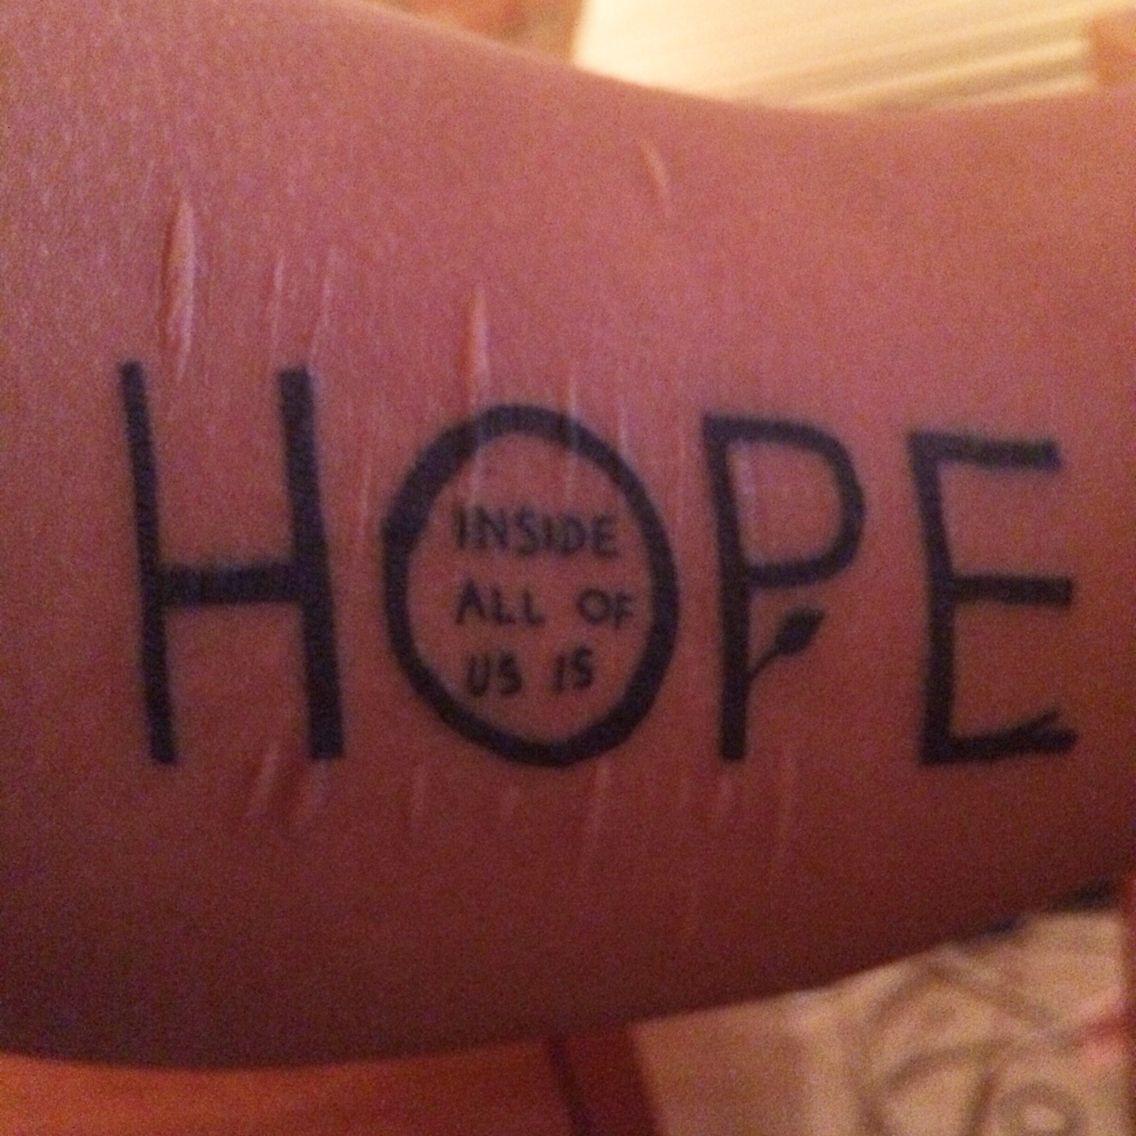 My second tattoo!